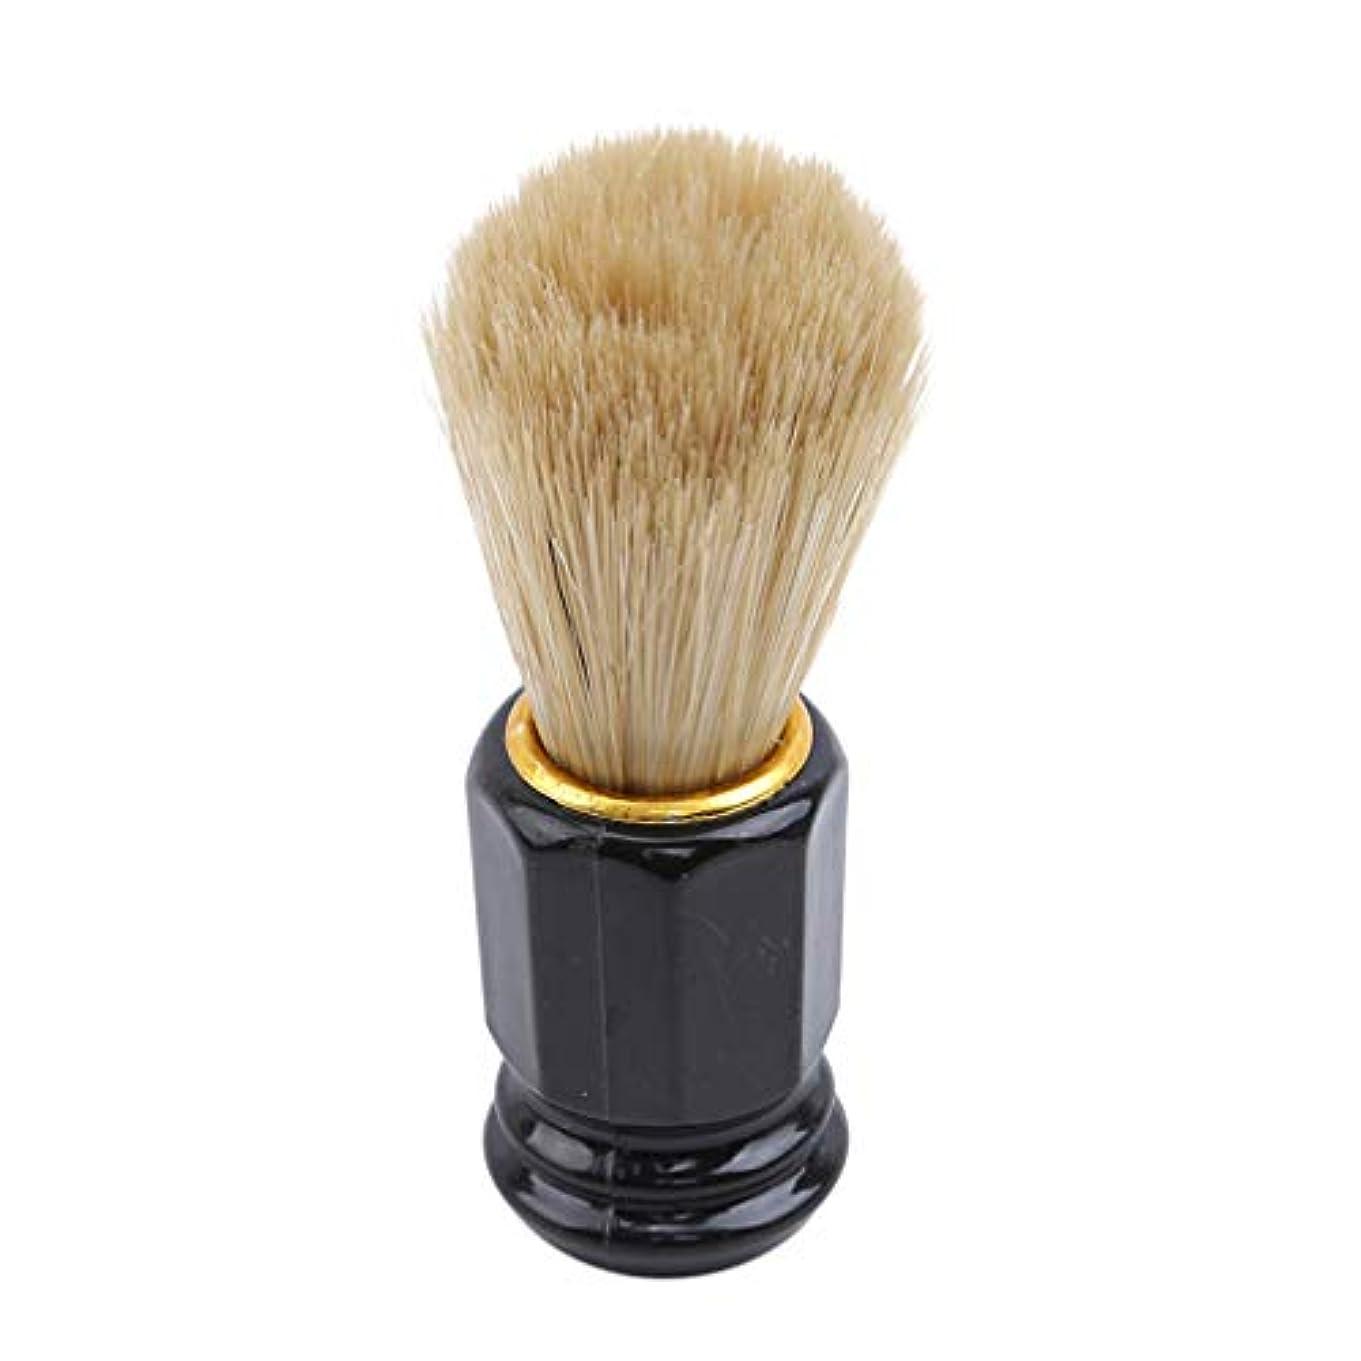 流行している閉塞手術火の色 ひげブラシ シェービングブラシ 美容ツール 理容 洗顔 髭剃り 泡立ち 男性